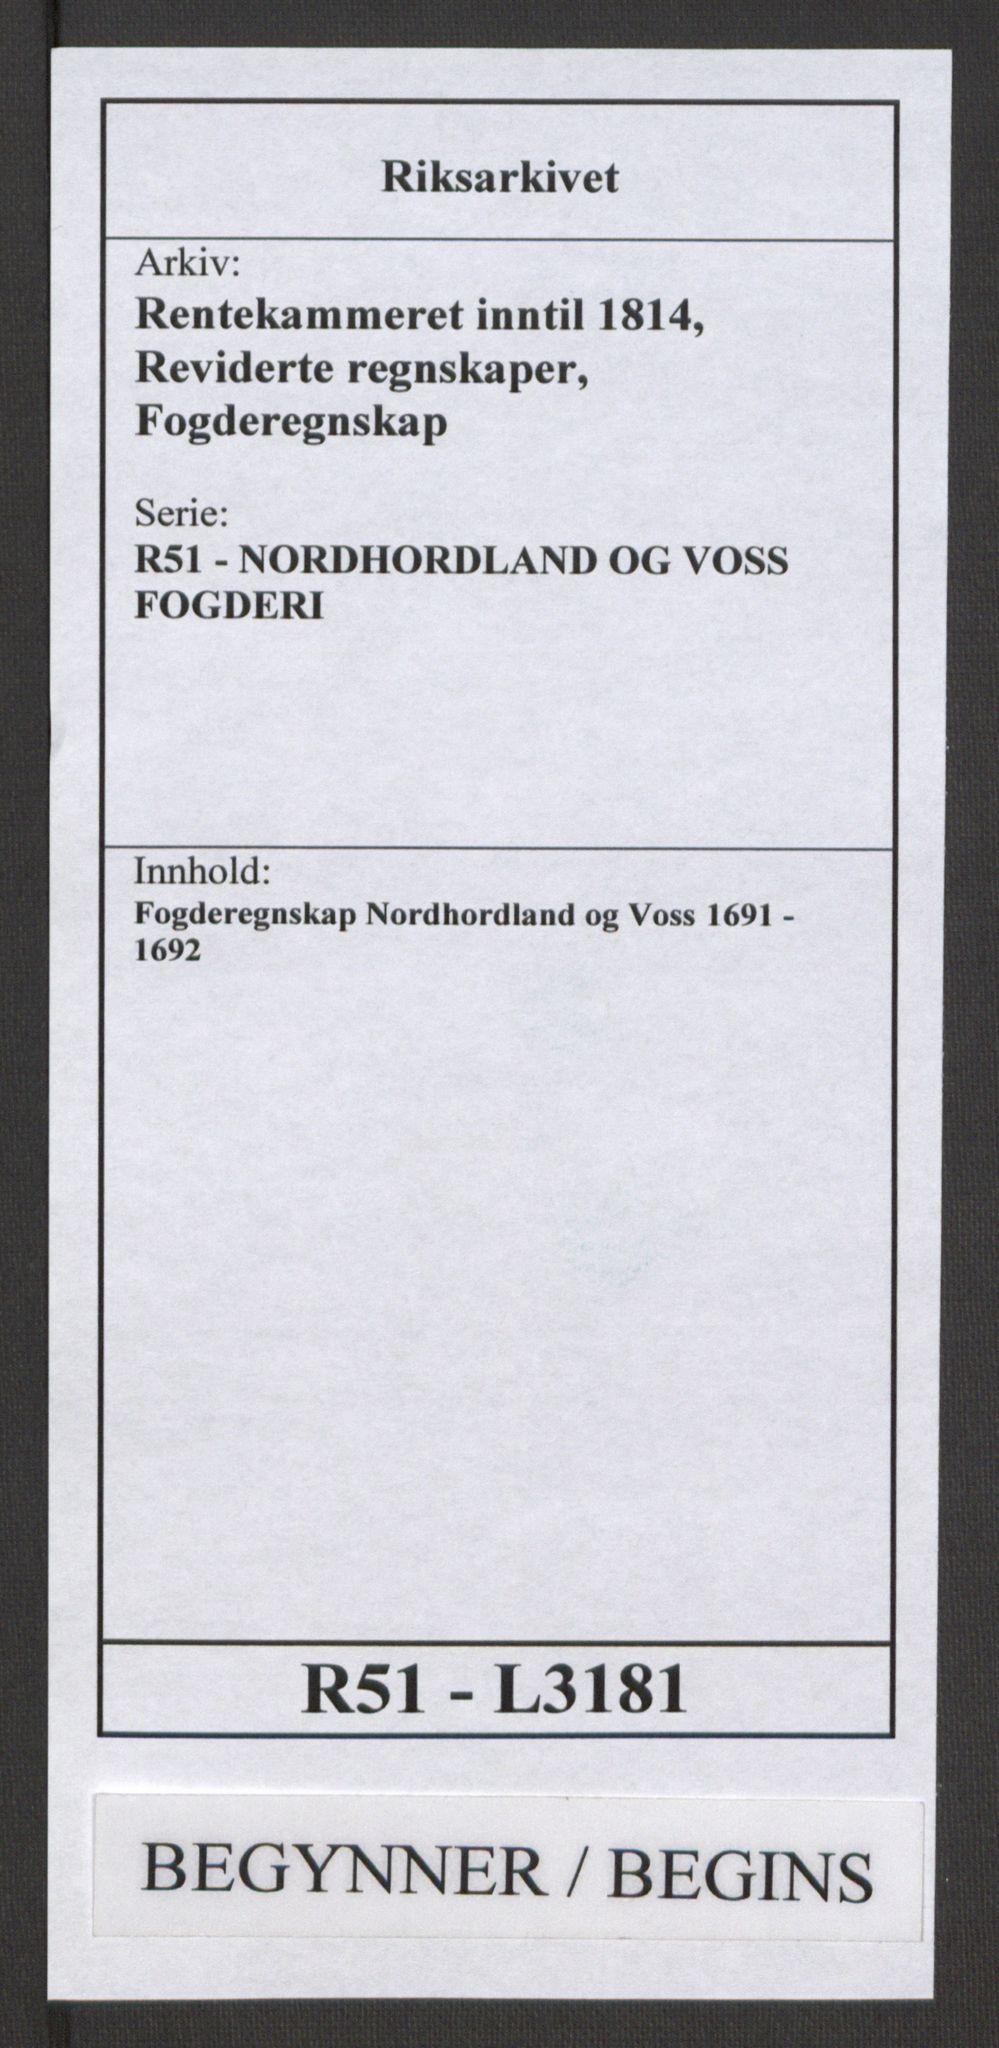 RA, Rentekammeret inntil 1814, Reviderte regnskaper, Fogderegnskap, R51/L3181: Fogderegnskap Nordhordland og Voss, 1691-1692, s. 1